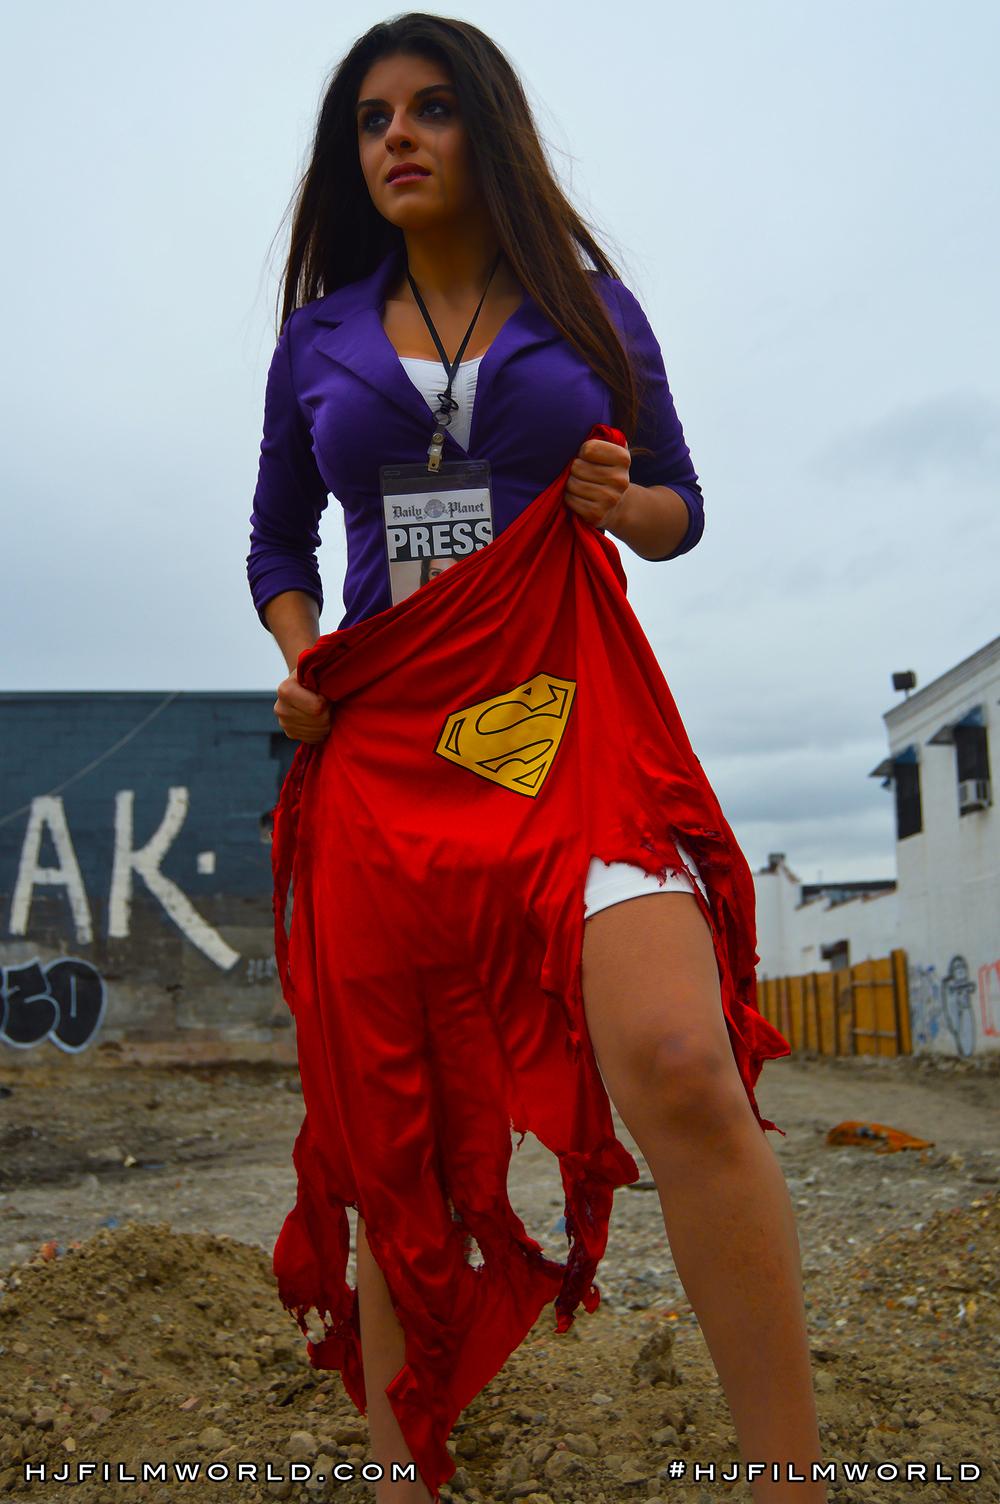 Model: Ilana Max